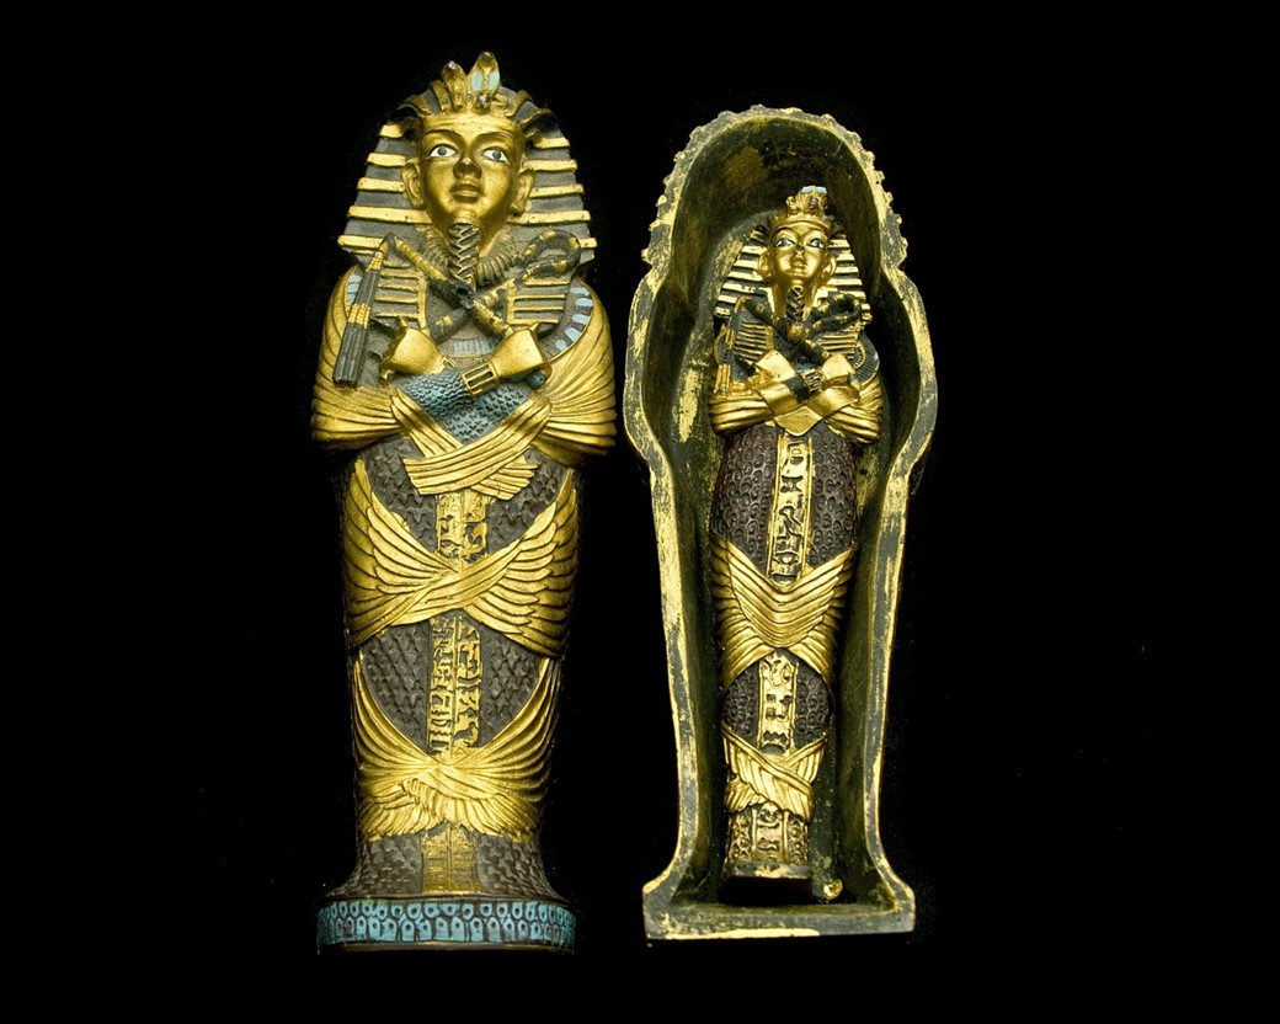 As múmias eram depois de embalsamadas guardadas em sarcófagos (espécie de urna funerária), que podiam representar cargo ou patente e posição social.